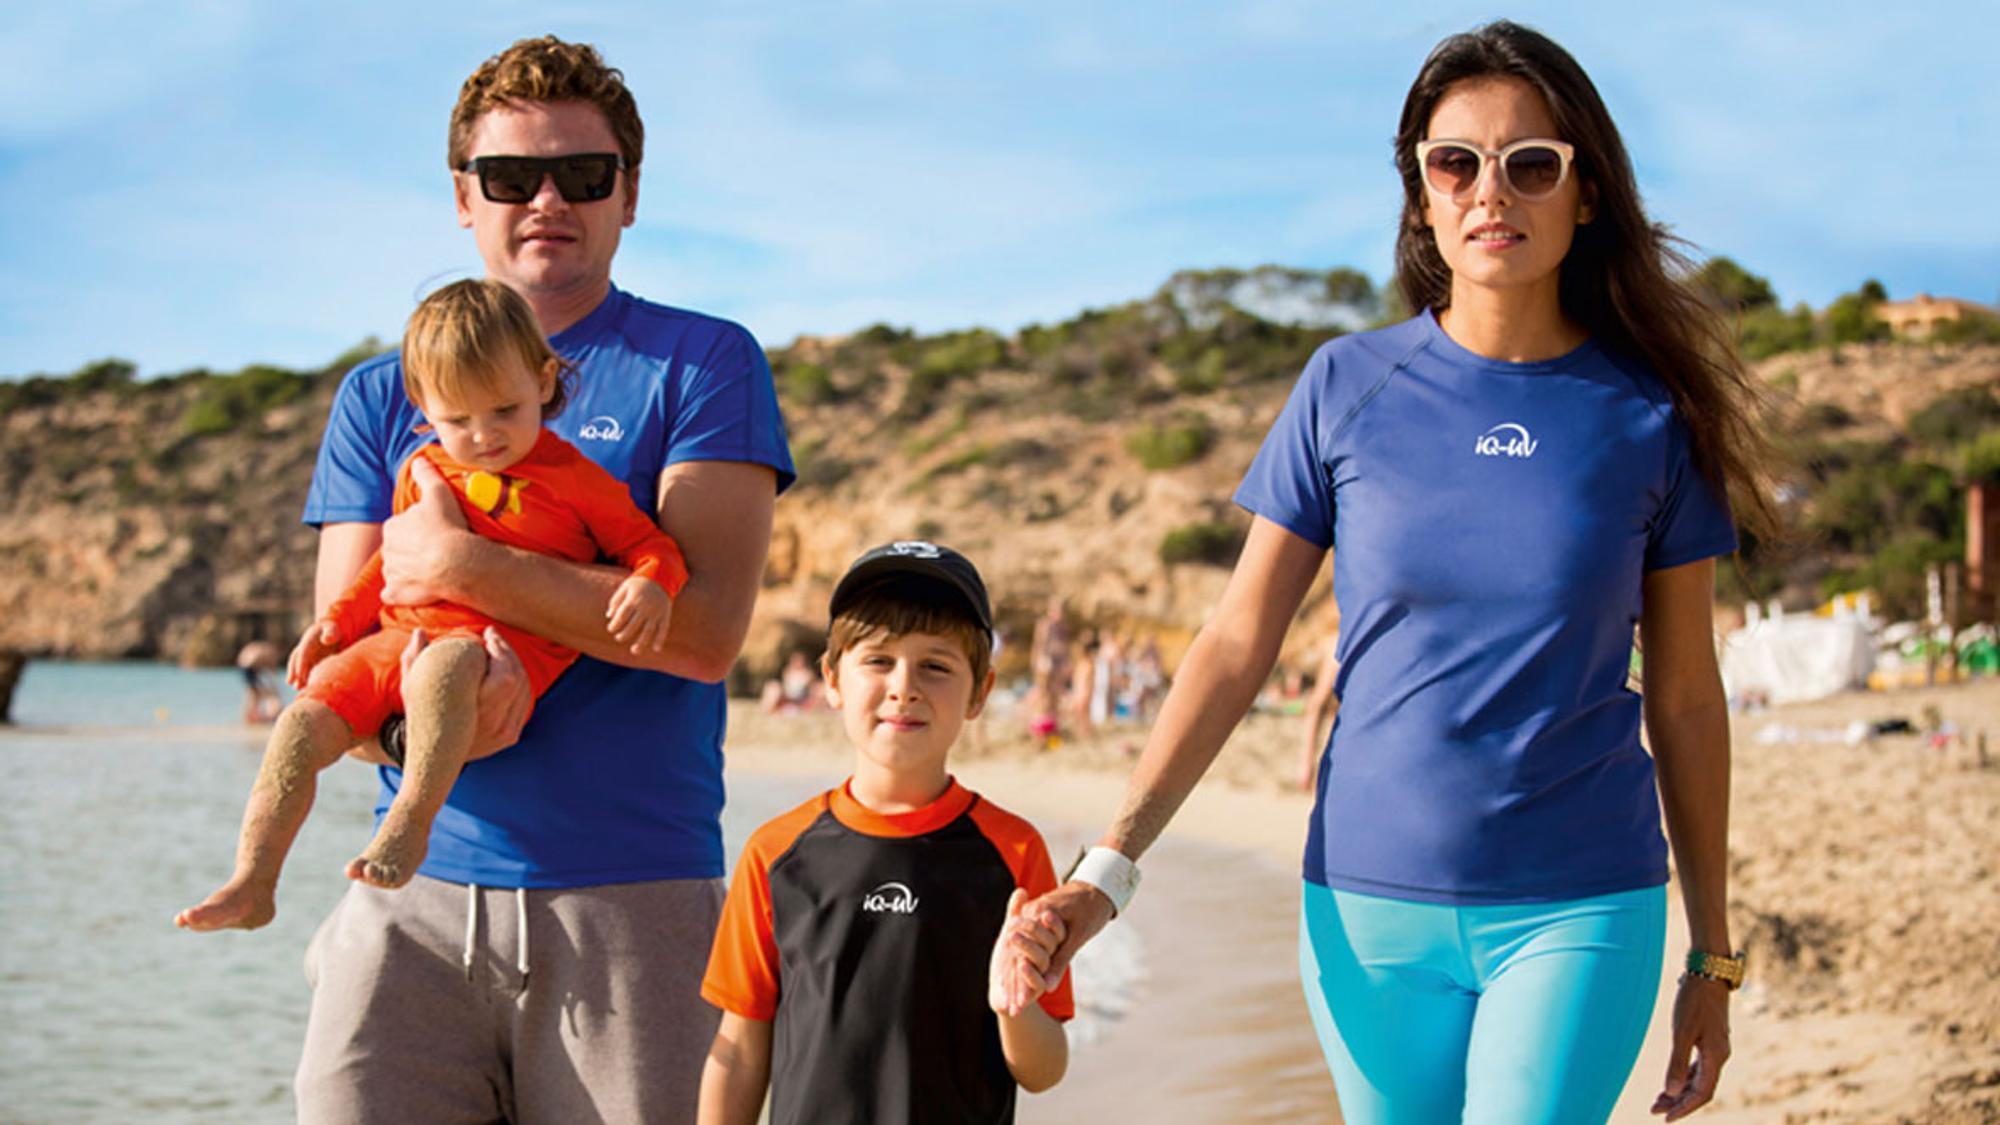 UV-Kleidung ist nachhaltig und schützt effektiv vor gefährlicher Sonneneinstrahlung.